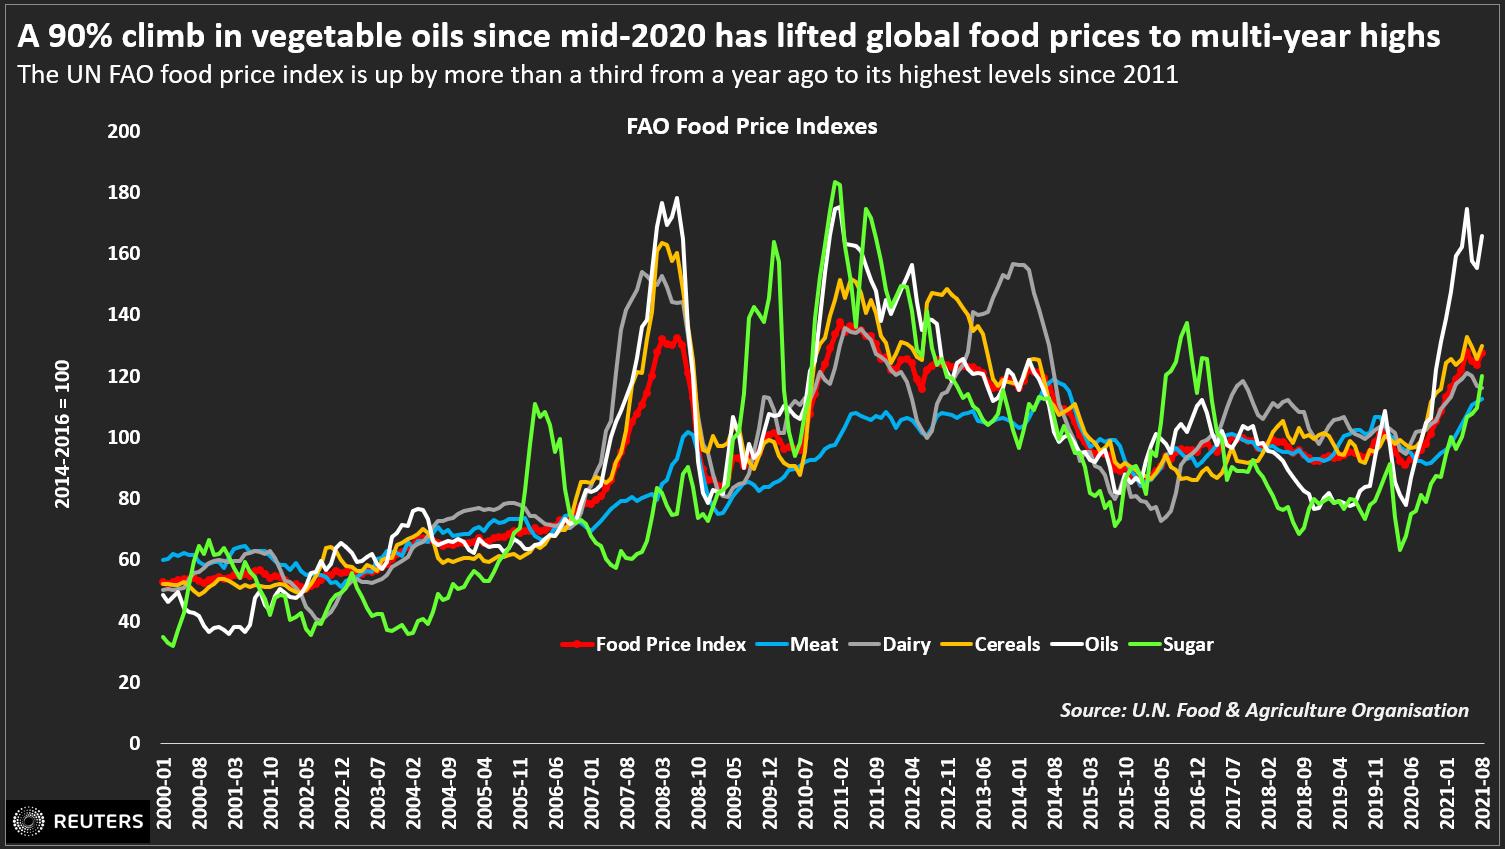 El aumento del 80% en los aceites vegetales desde mediados de 2020 ha llevado los precios mundiales de los alimentos a máximos de varios años